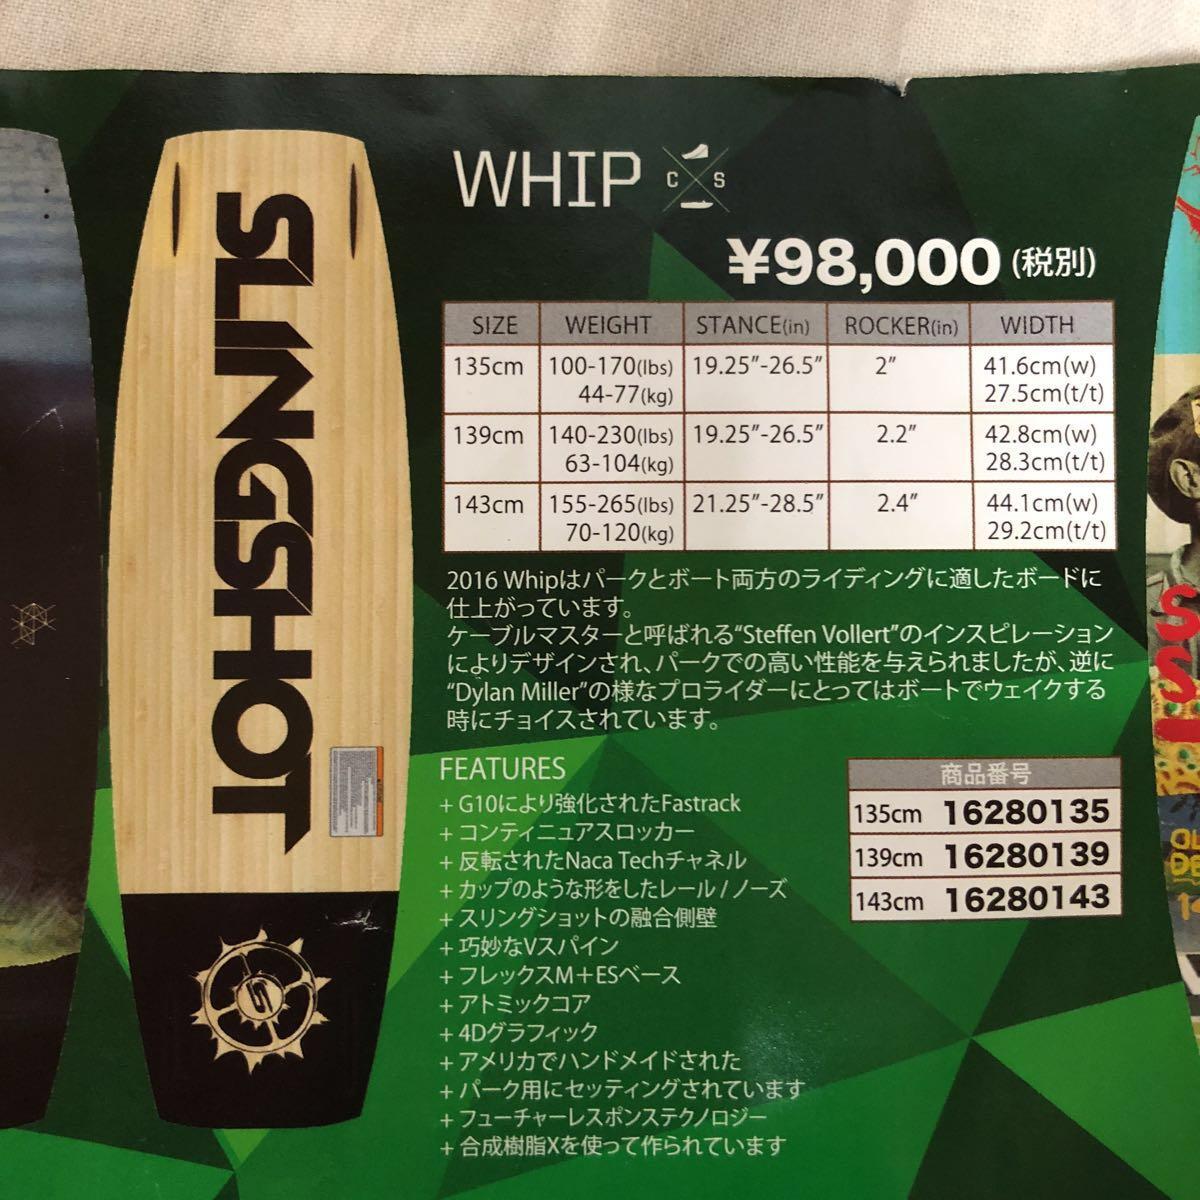 SLINGSHOT WHIP 135 スリングショット ウェイクボード ワイプ WAKE board 横ノリ ウェイク板_画像2